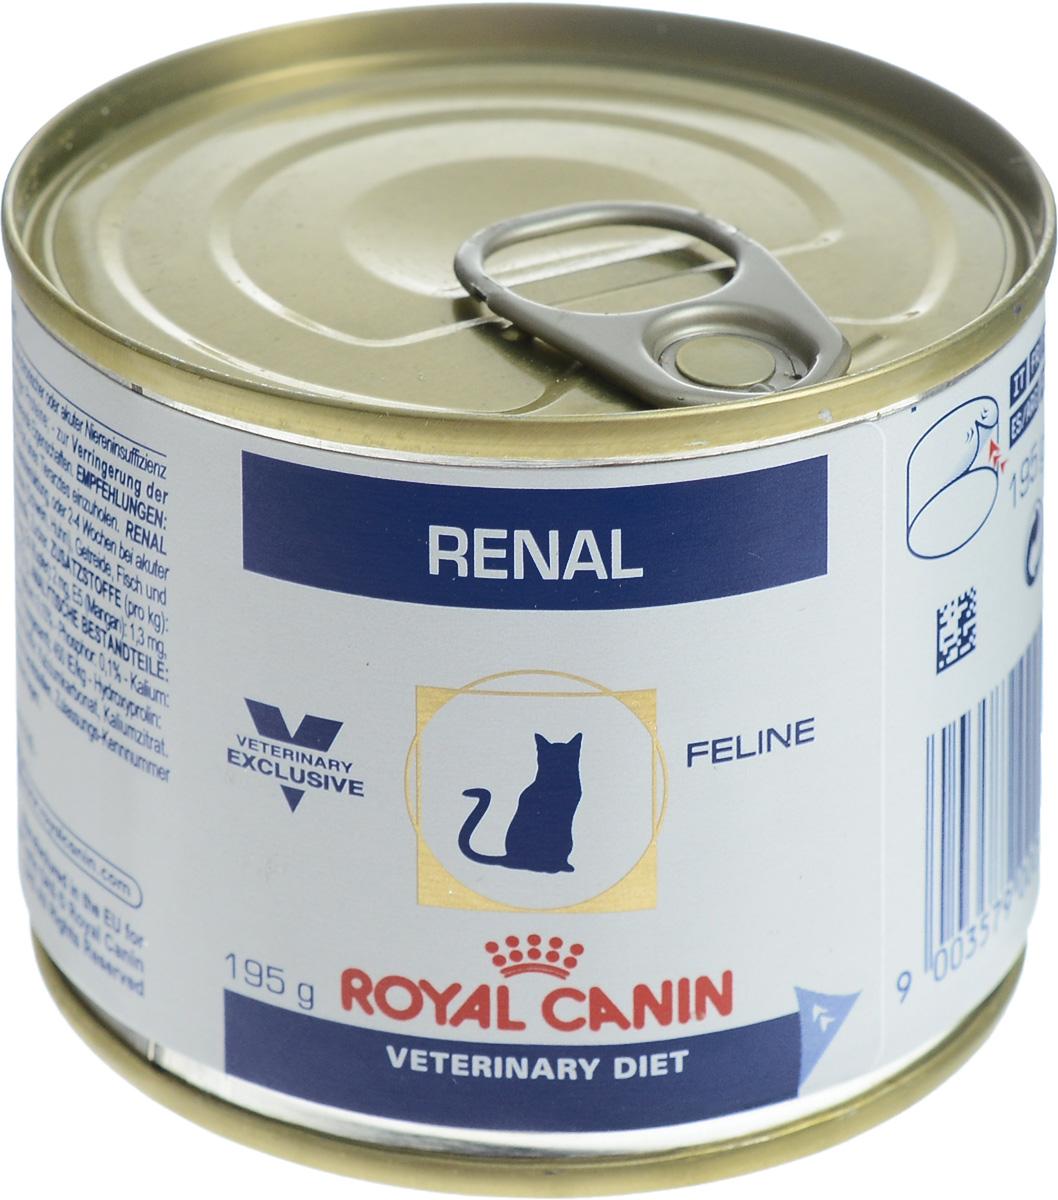 Консервы для кошек Royal Canin Renal, с почечной недостаточностью, с курицей, 195 г0120710Royal Canin Renal - полнорационный диетический корм для кошек. Применяется для поддержания функции почек при острой или хронической почечной недостаточности, благодаря пониженному содержанию фосфора и высококачественного белка. Корм способствует профилактике оксалатного уролитиаза, благодаря низкому содержанию кальция и витамина D и повышенной способности к защелачиванию мочи.Показания:- хроническая почечная недостаточность (ХПН); - профилактика рецидивов образования камней оксалата кальция у кошек с ослабленной функцией почек; - профилактика рецидивов уролитиаза (уратов, цистинов), вызванных снижением уровня рН мочи. Противопоказания:- беременность, лактация, рост.Формула продуктов специально разработана для поддержания почечной функции при ХПН. Продукты отличаются низким содержанием фосфора, содержат комплекс антиоксидантов, жирные кислоты ЕРА и DHA. При ХПН почки теряют способность надлежащим образом выводить фосфор. Низкое содержание фосфора в продукте способствует замедлению развития болезни. При кормлении диетическим кормом с адаптированным содержанием рыбьего жира (источника незаменимых жирных кислот ЕРА и DHA) повышается скорость клубочковой фильтрации. Чрезмерная нагрузка на почки может спровоцировать уремический криз. Высокое качество и адаптированное содержание белков способствуют снижению нагрузки на почки. Если содержание белка в рационе значительно превышает минимальные потребности, при сниженной экскреторной функции почек продукты распада азота накапливаются в биологических жидкостях.ХПН может привести к метаболическому ацидозу, поэтому в состав продуктов входят подщелачивающие вещества. Почки играют важнейшую роль в поддержании кислотно- щелочного баланса. При нарушенной функции почек их способность к выведению ионов водорода и реабсорбции ионов бикарбоната снижена, в связи с чем высок риск метаболического ацидоза.Специально разработанный ароматический профиль п